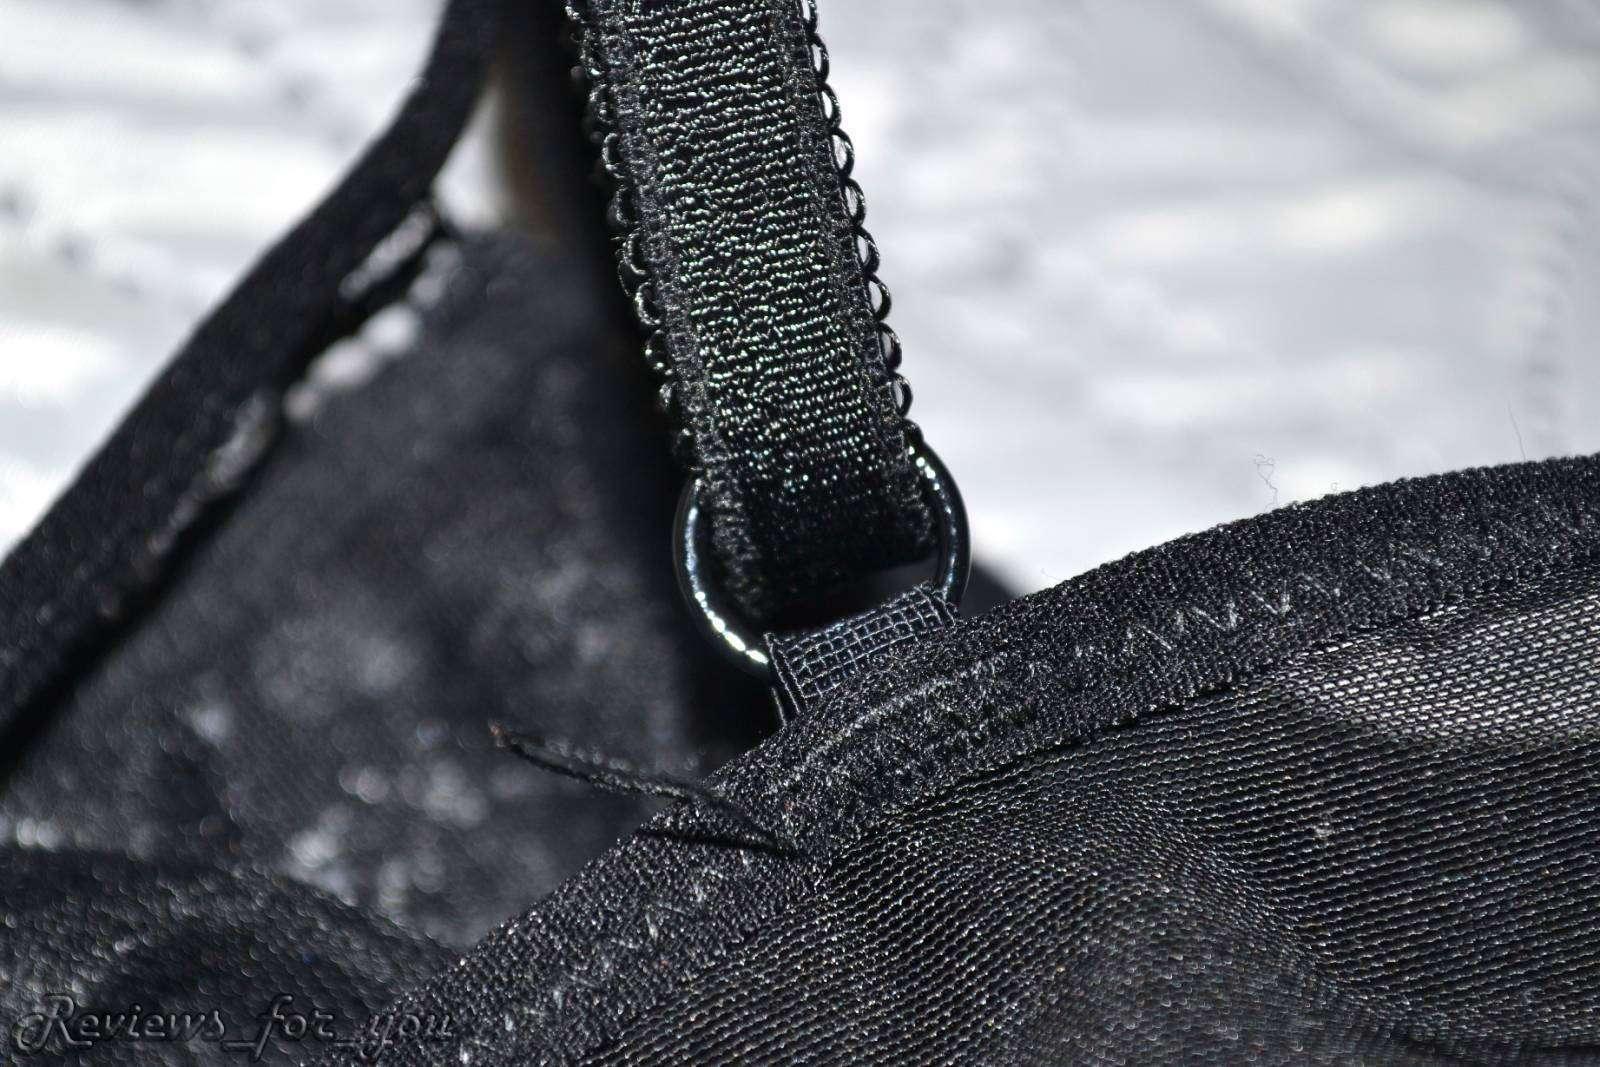 Aliexpress: Эротический комплект нижнего белья в черном цвете